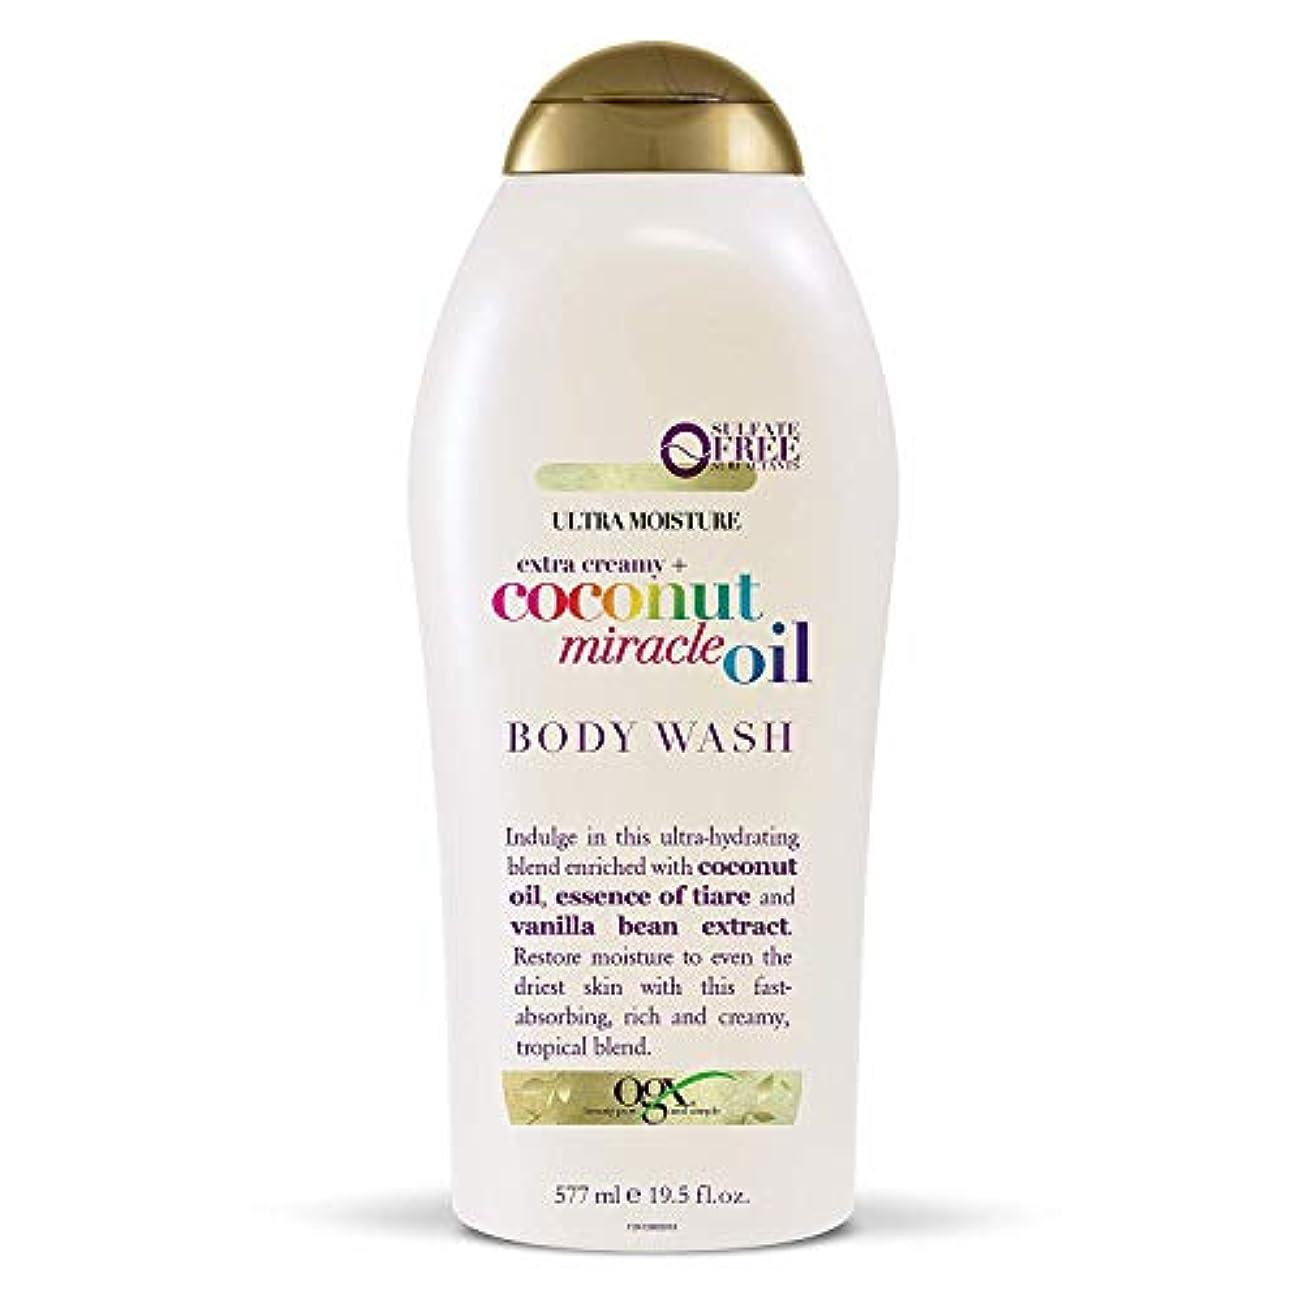 賛美歌カップ平日Ogx Body Wash Coconut Miracle Oil Extra Strength 19.5oz OGX ココナッツミラクルオイル エクストラストレングス ボディウォッシュ 577ml [並行輸入品]